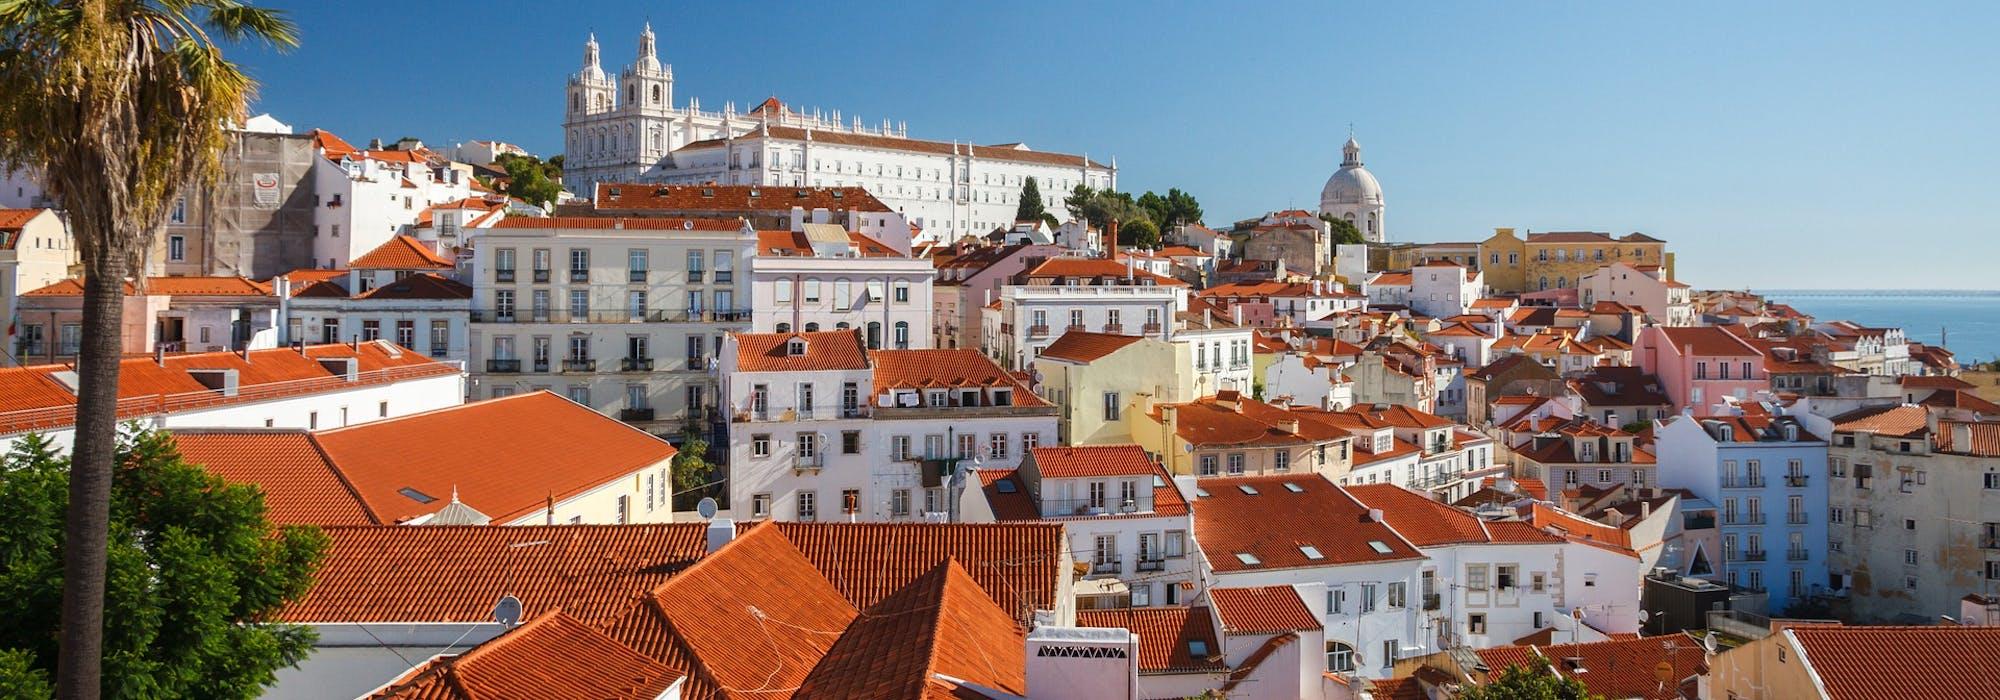 Bild från ovan på färgglada hus i Lissabon med havet i bakgrunden.